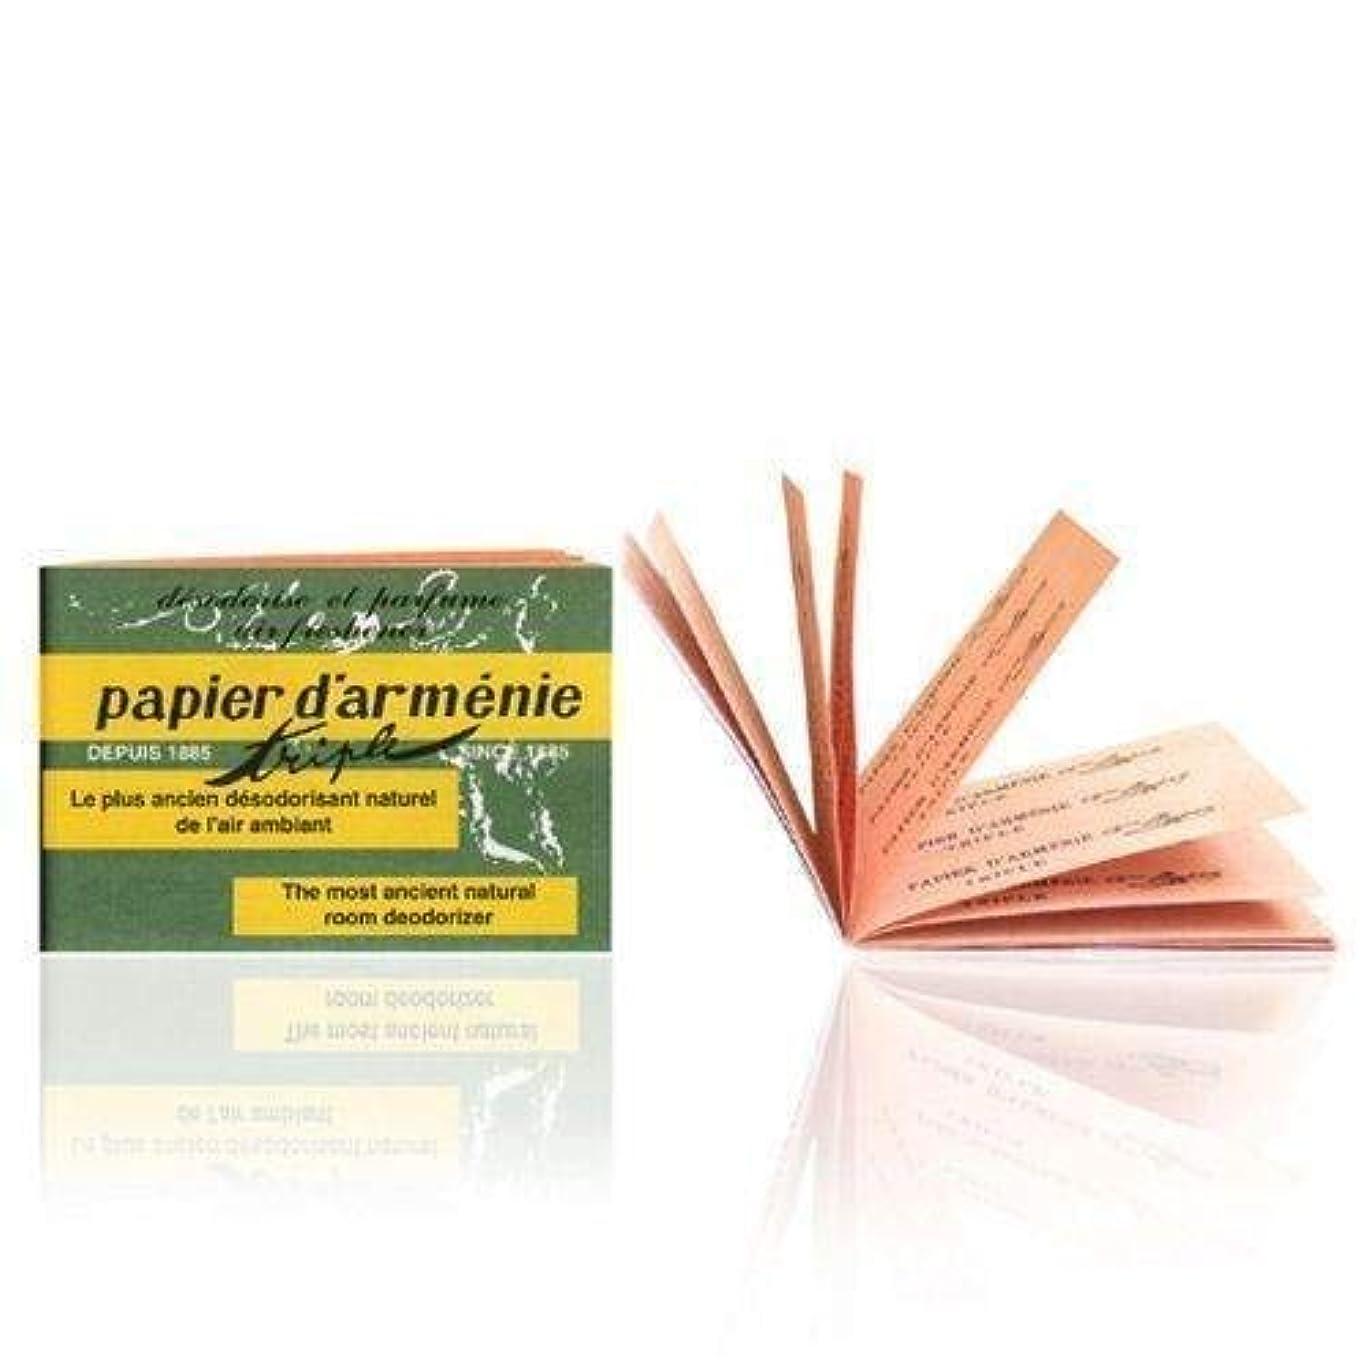 インポートアラスカれるPapier d'Arménie パピエダルメニイ トリプル 紙のお香 フランス直送 [並行輸入品]